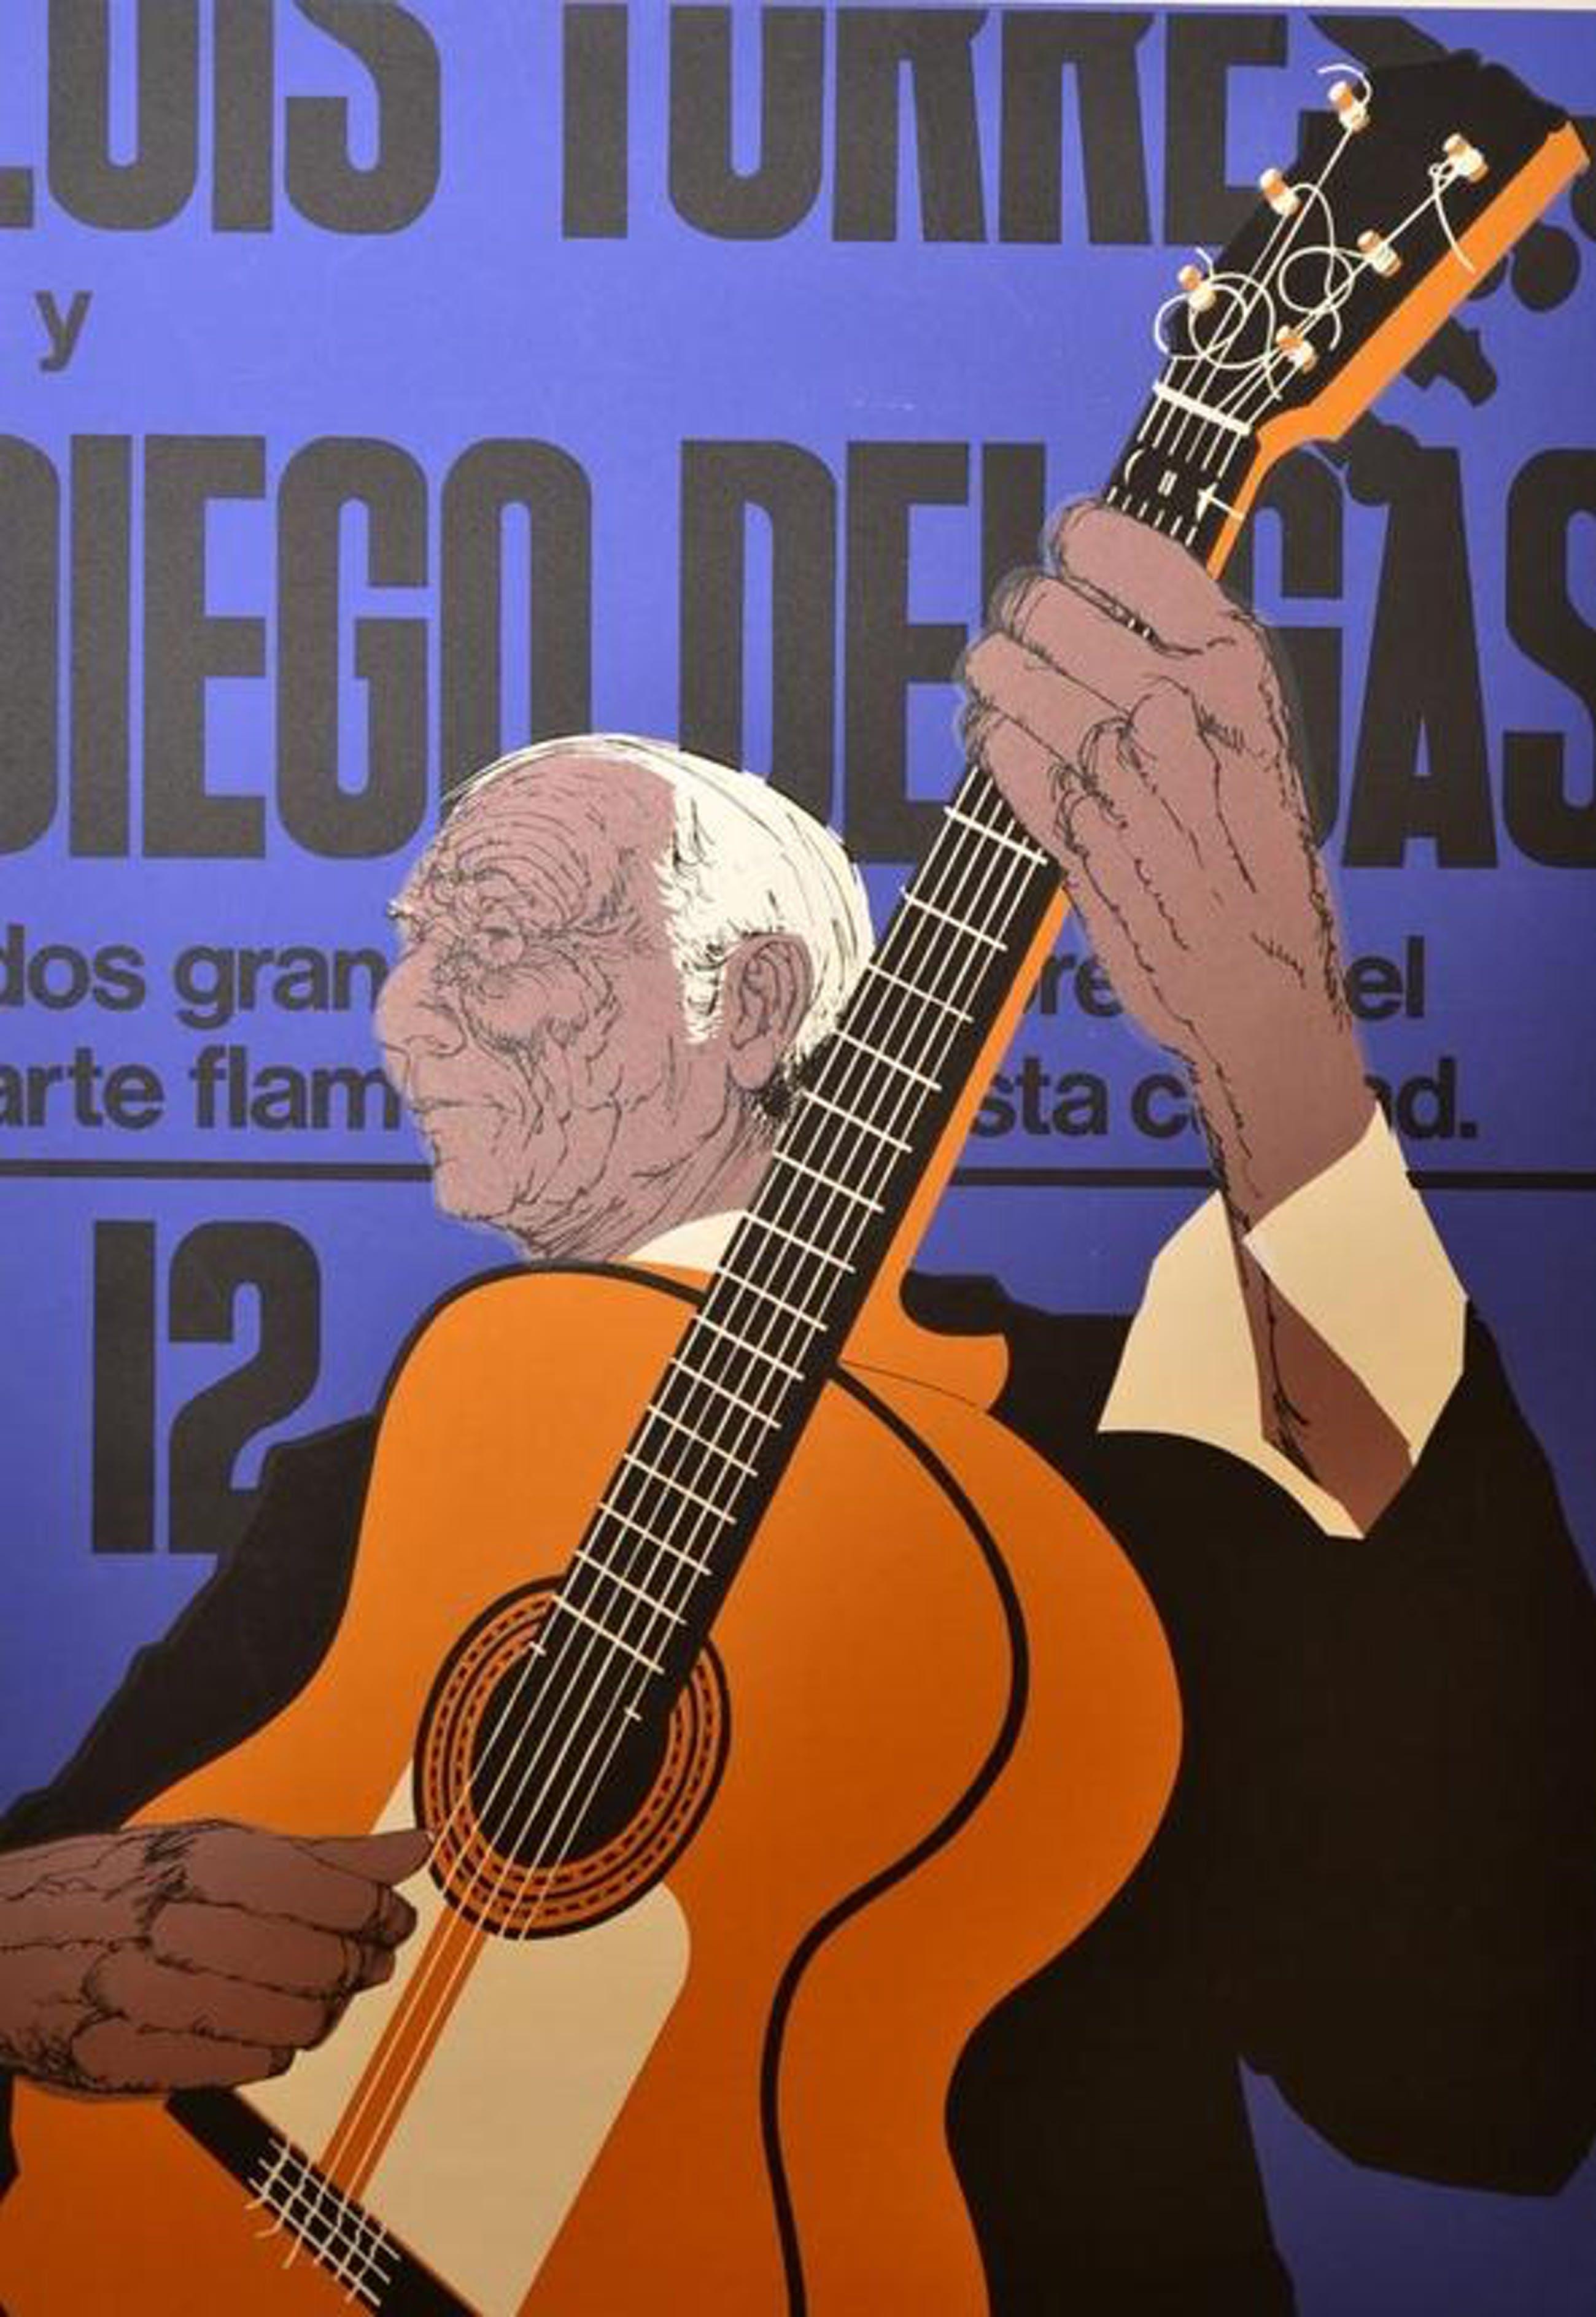 Onbekend: Zeefdruk 'Spaanse gitarist', 1975 kopen? Bied vanaf 1!